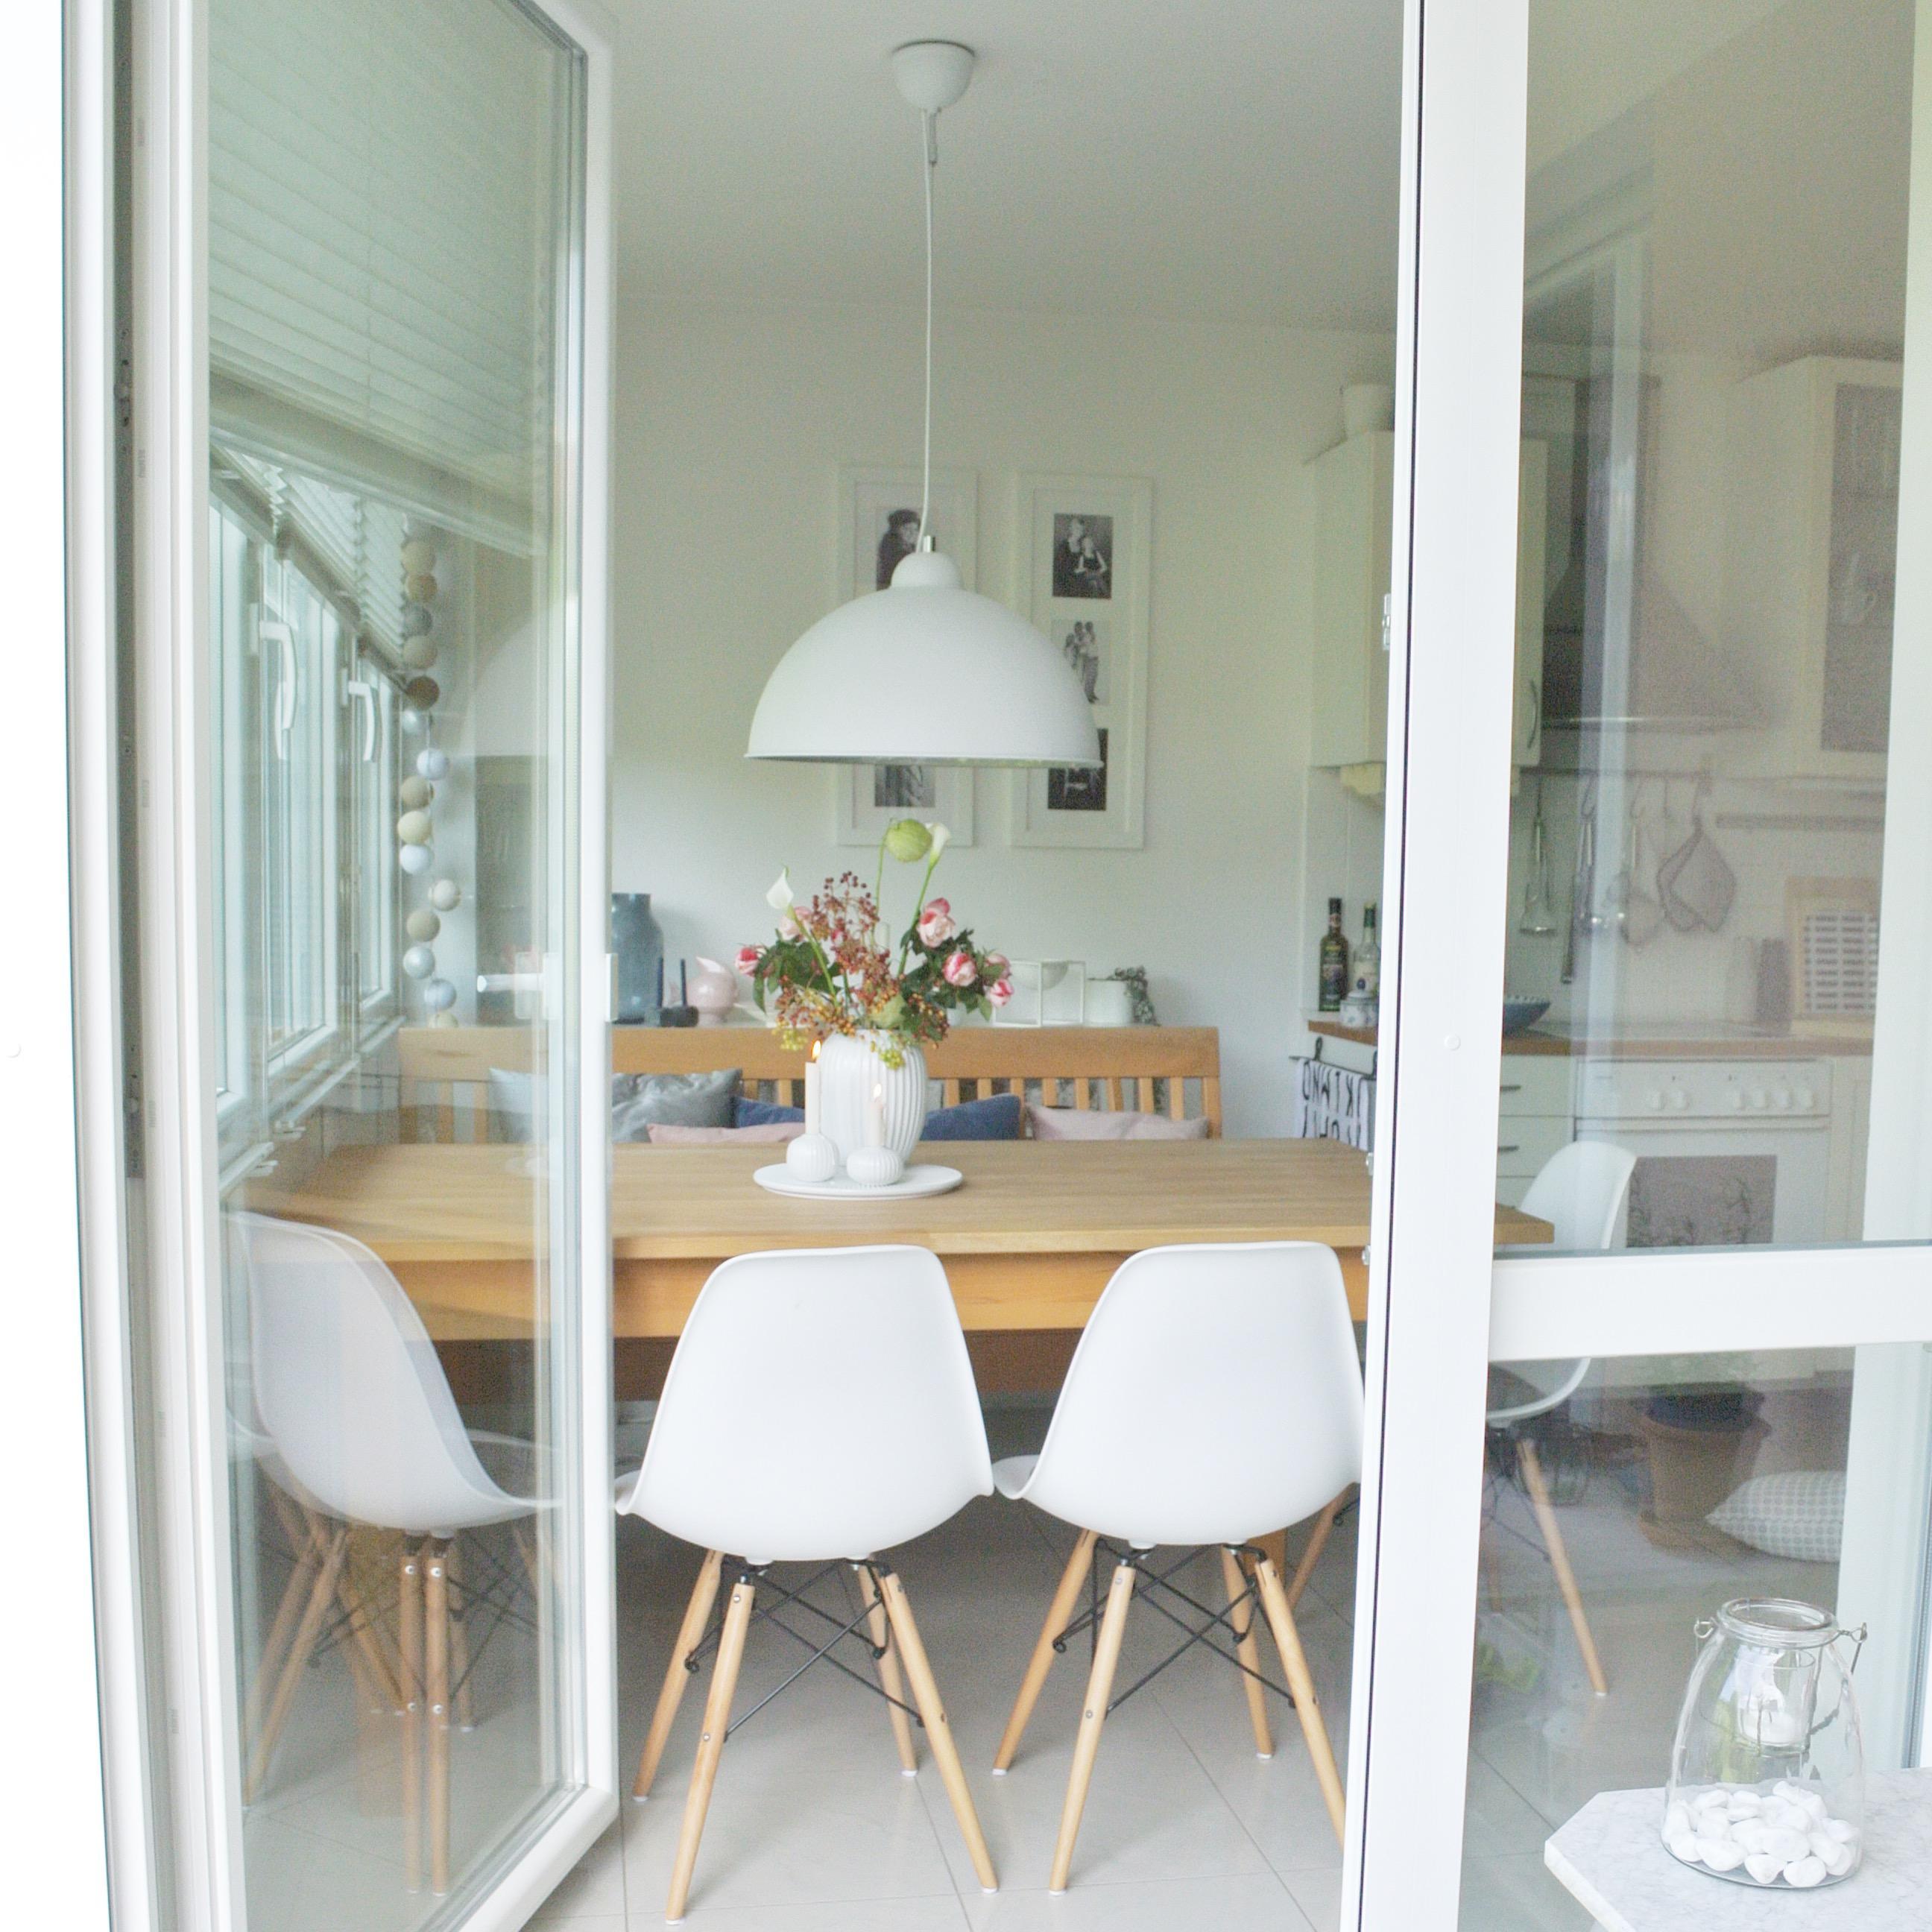 Welche sthle passen zu holztisch awesome home affaire esstisch madrid wahlweise mit oder ohne - Welche stuhle passen zu holztisch ...